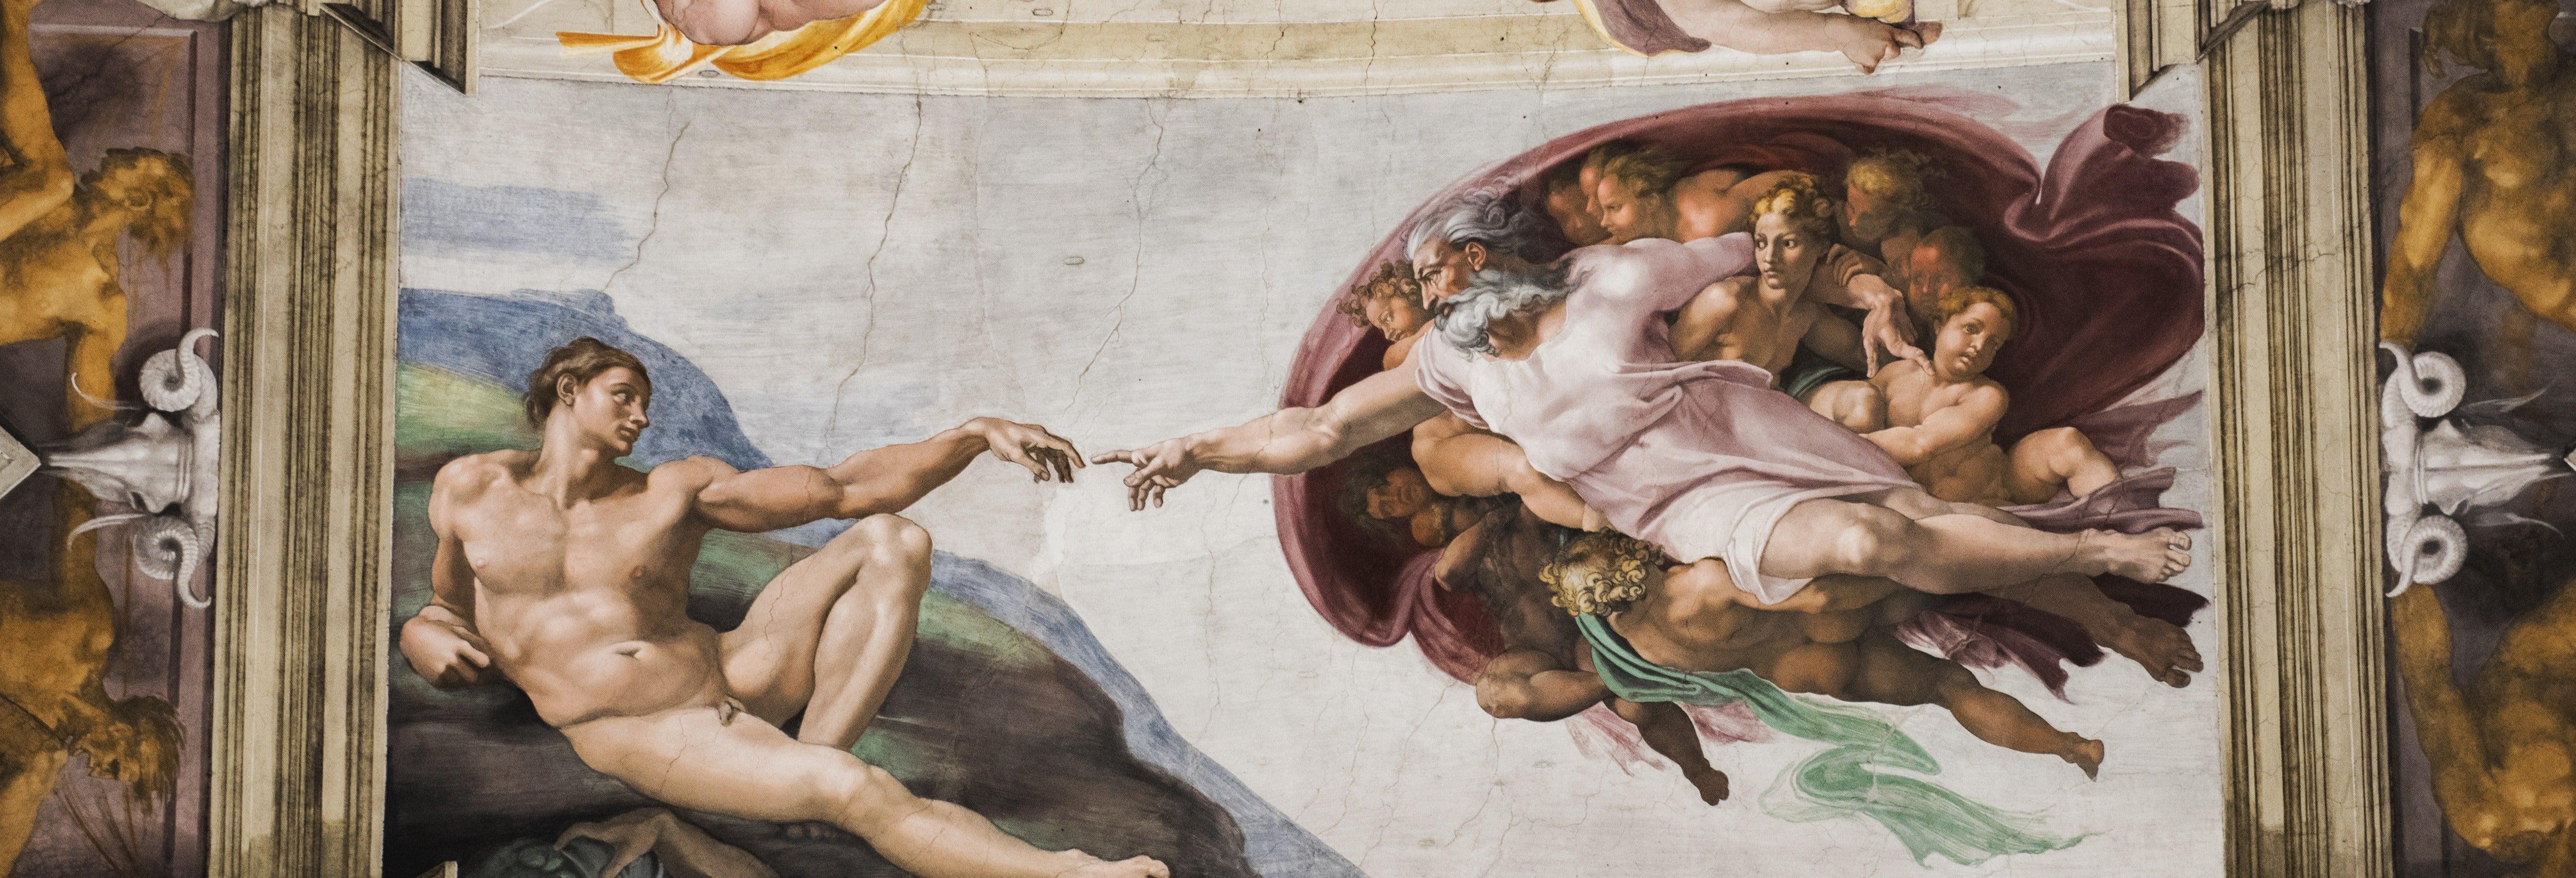 Primeiro acesso aos Museus Vaticanos e Capela Sistina